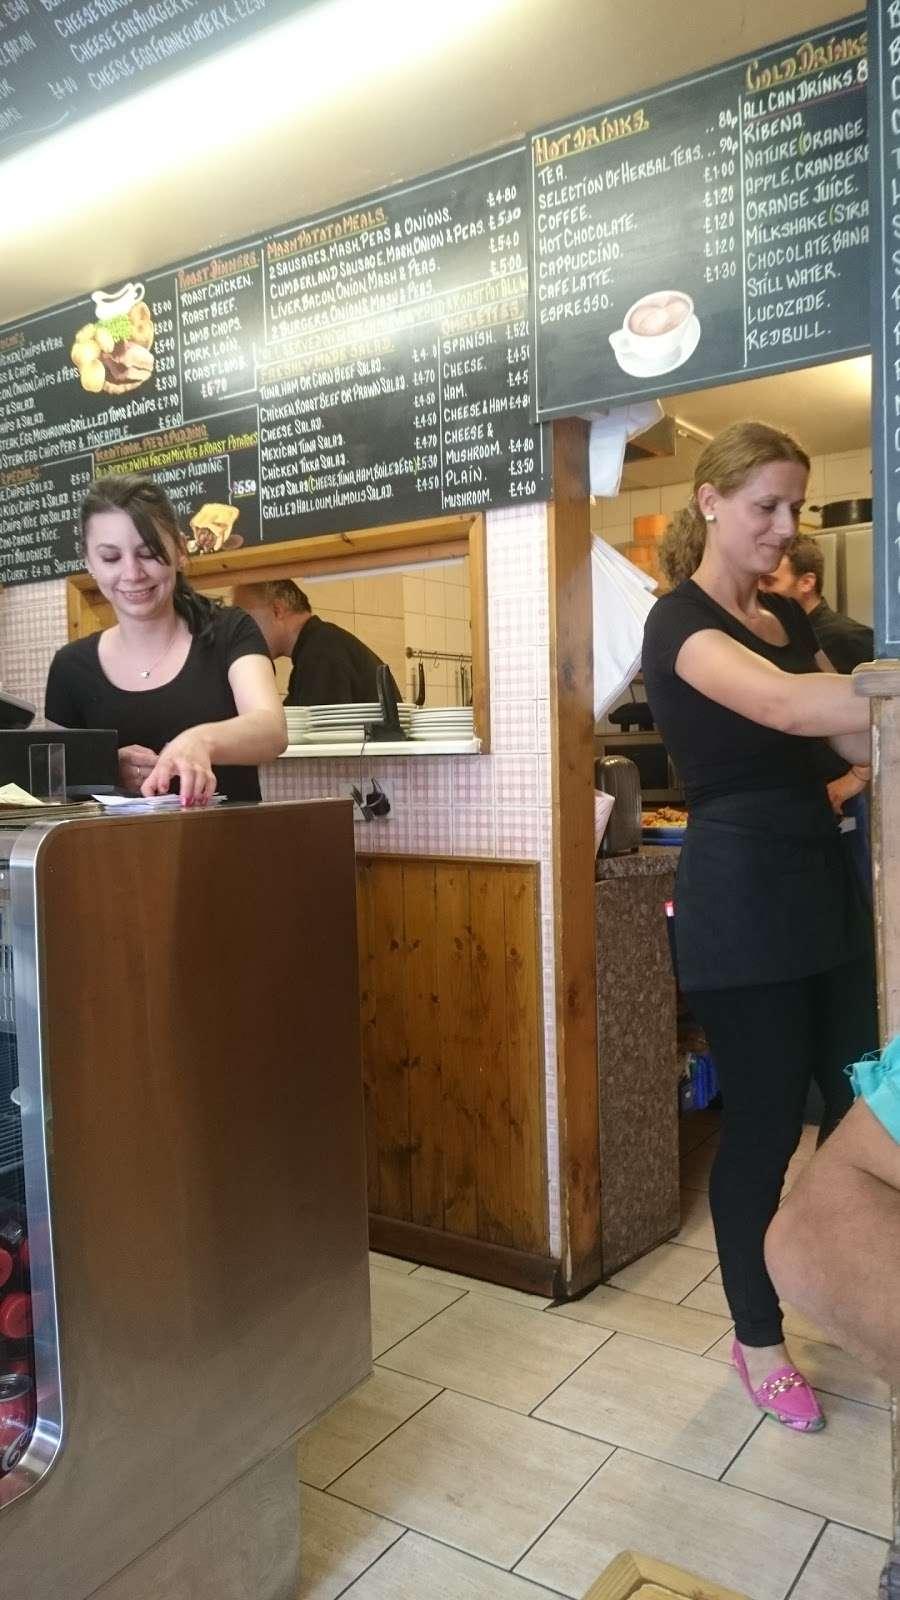 Rosie Lees Cafe - cafe  | Photo 6 of 6 | Address: 147 Anerley Rd, London SE20 8EF, UK | Phone: 020 8778 0776